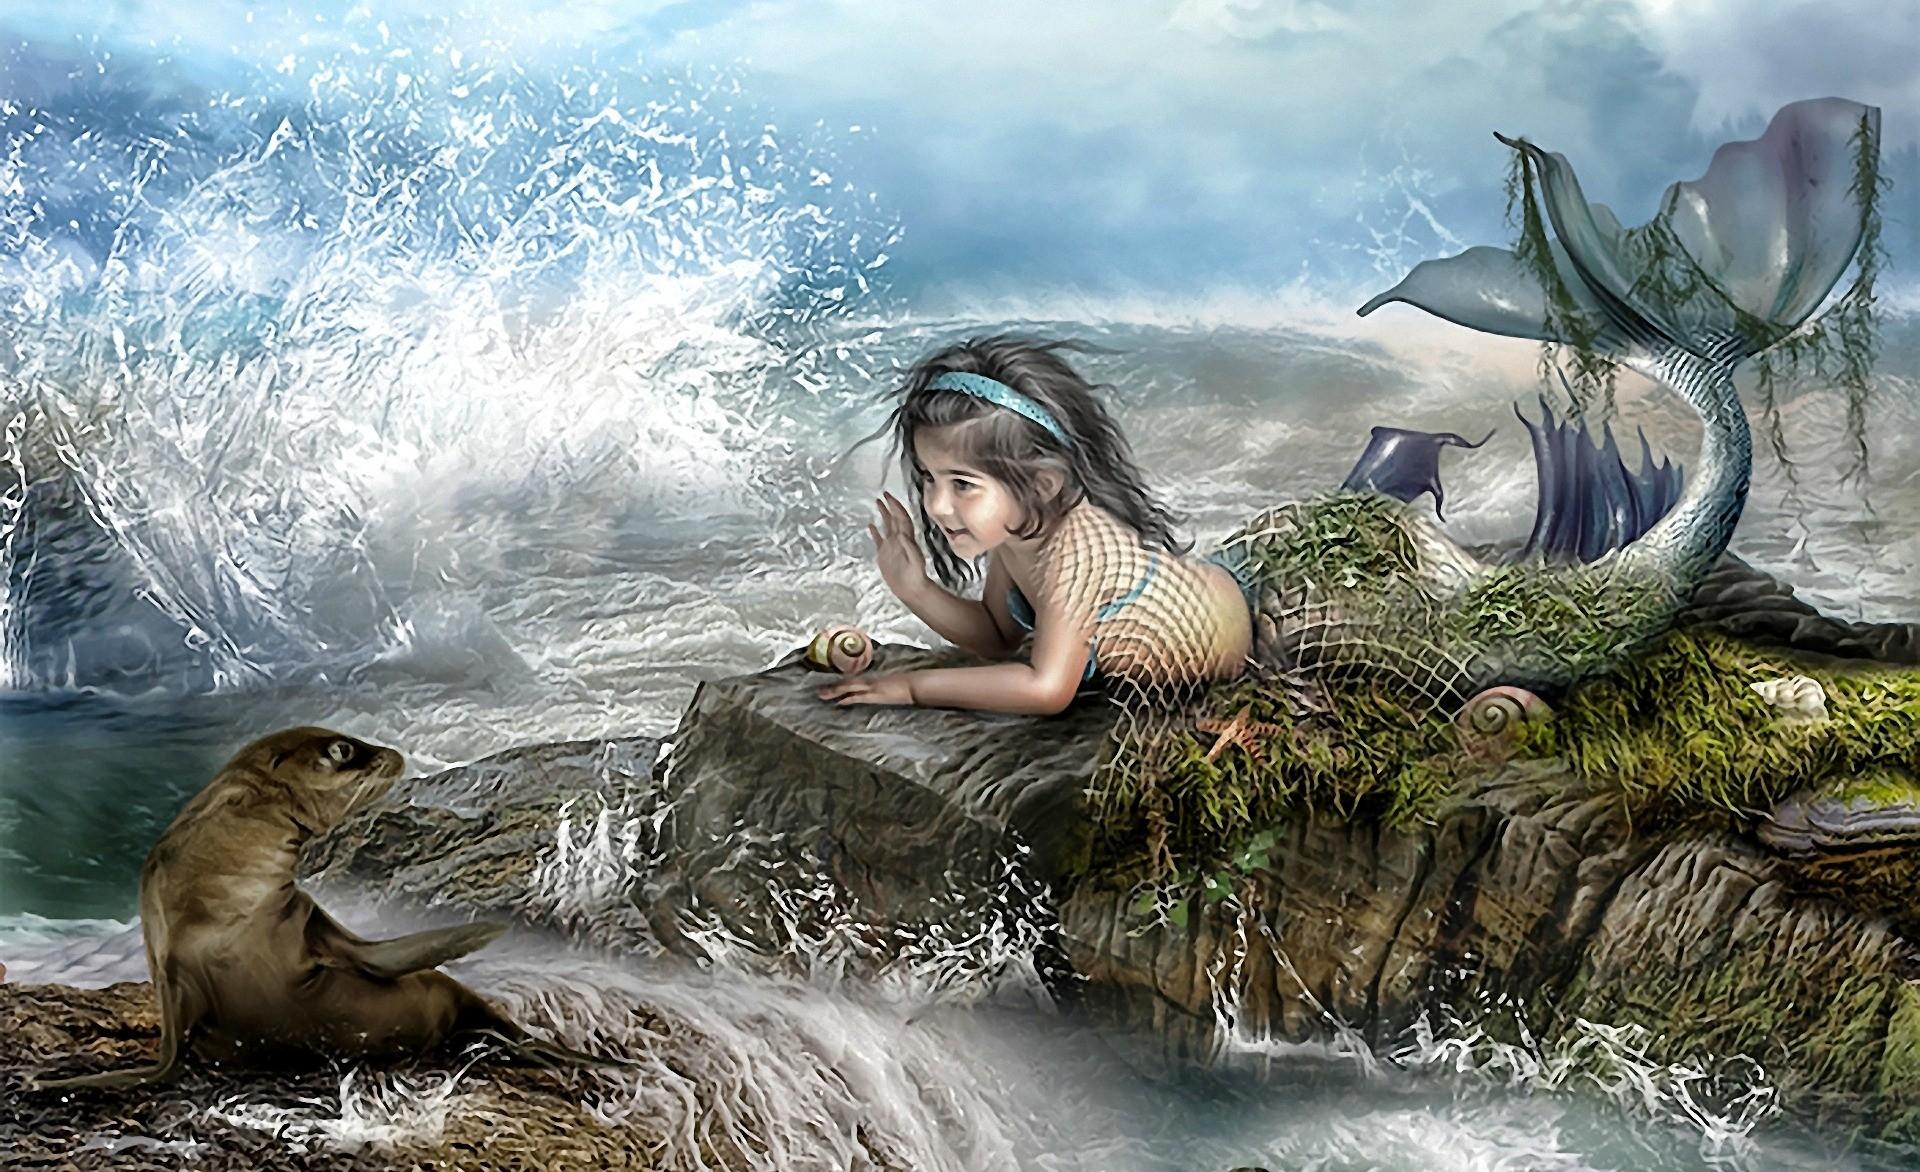 Mermaid Computer Wallpapers, Desktop Backgrounds     ID .